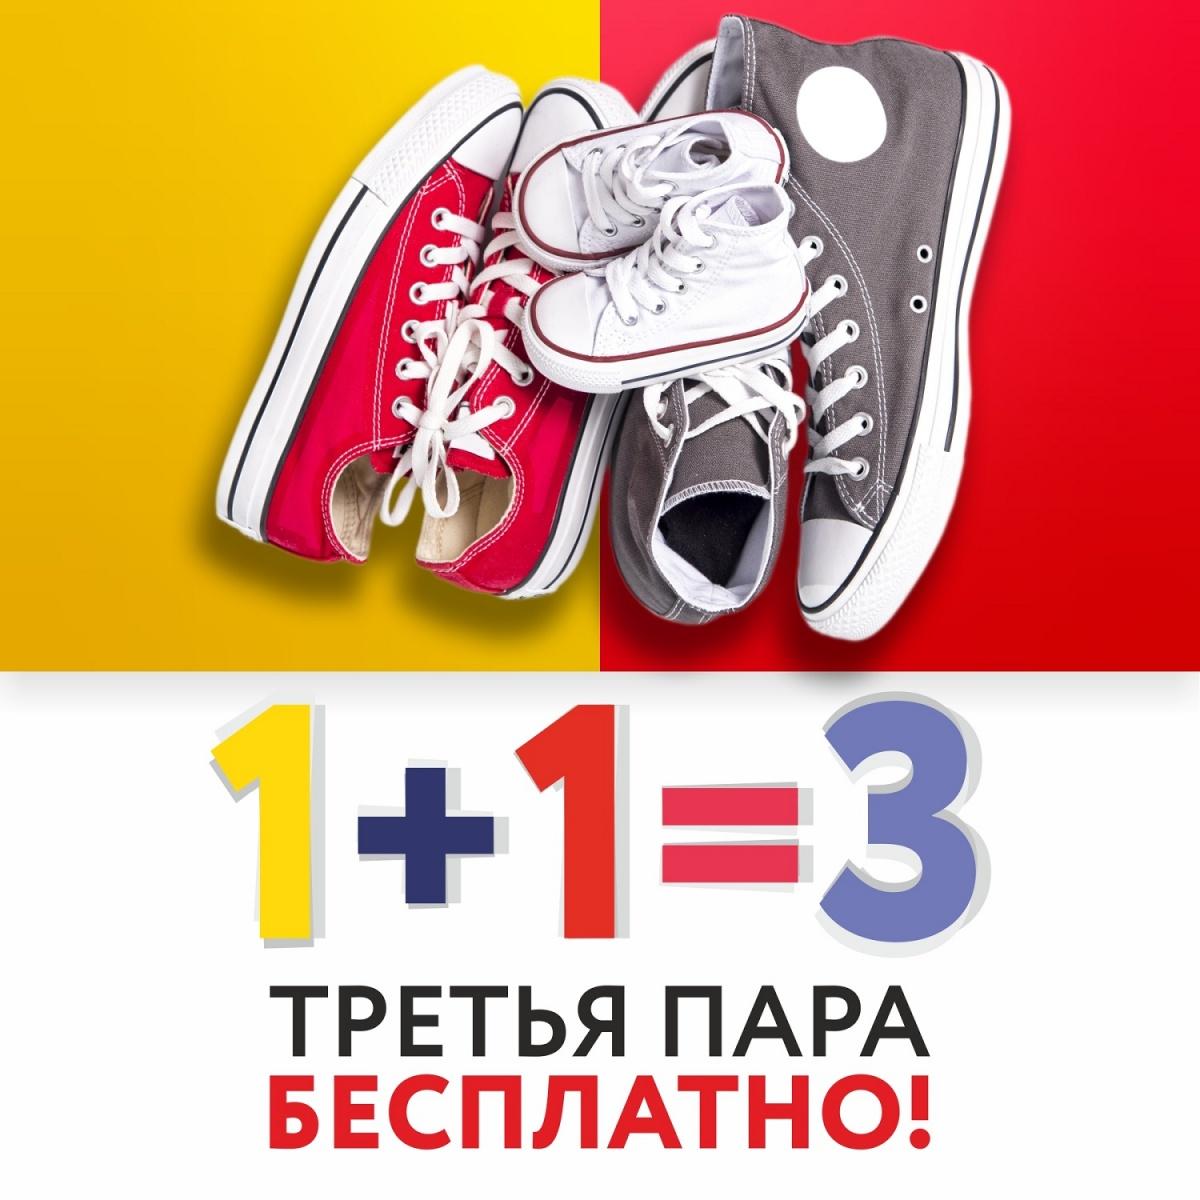 У новосибирцев появился шанс запастись обувью: сеть магазинов не берет денег за третью пару